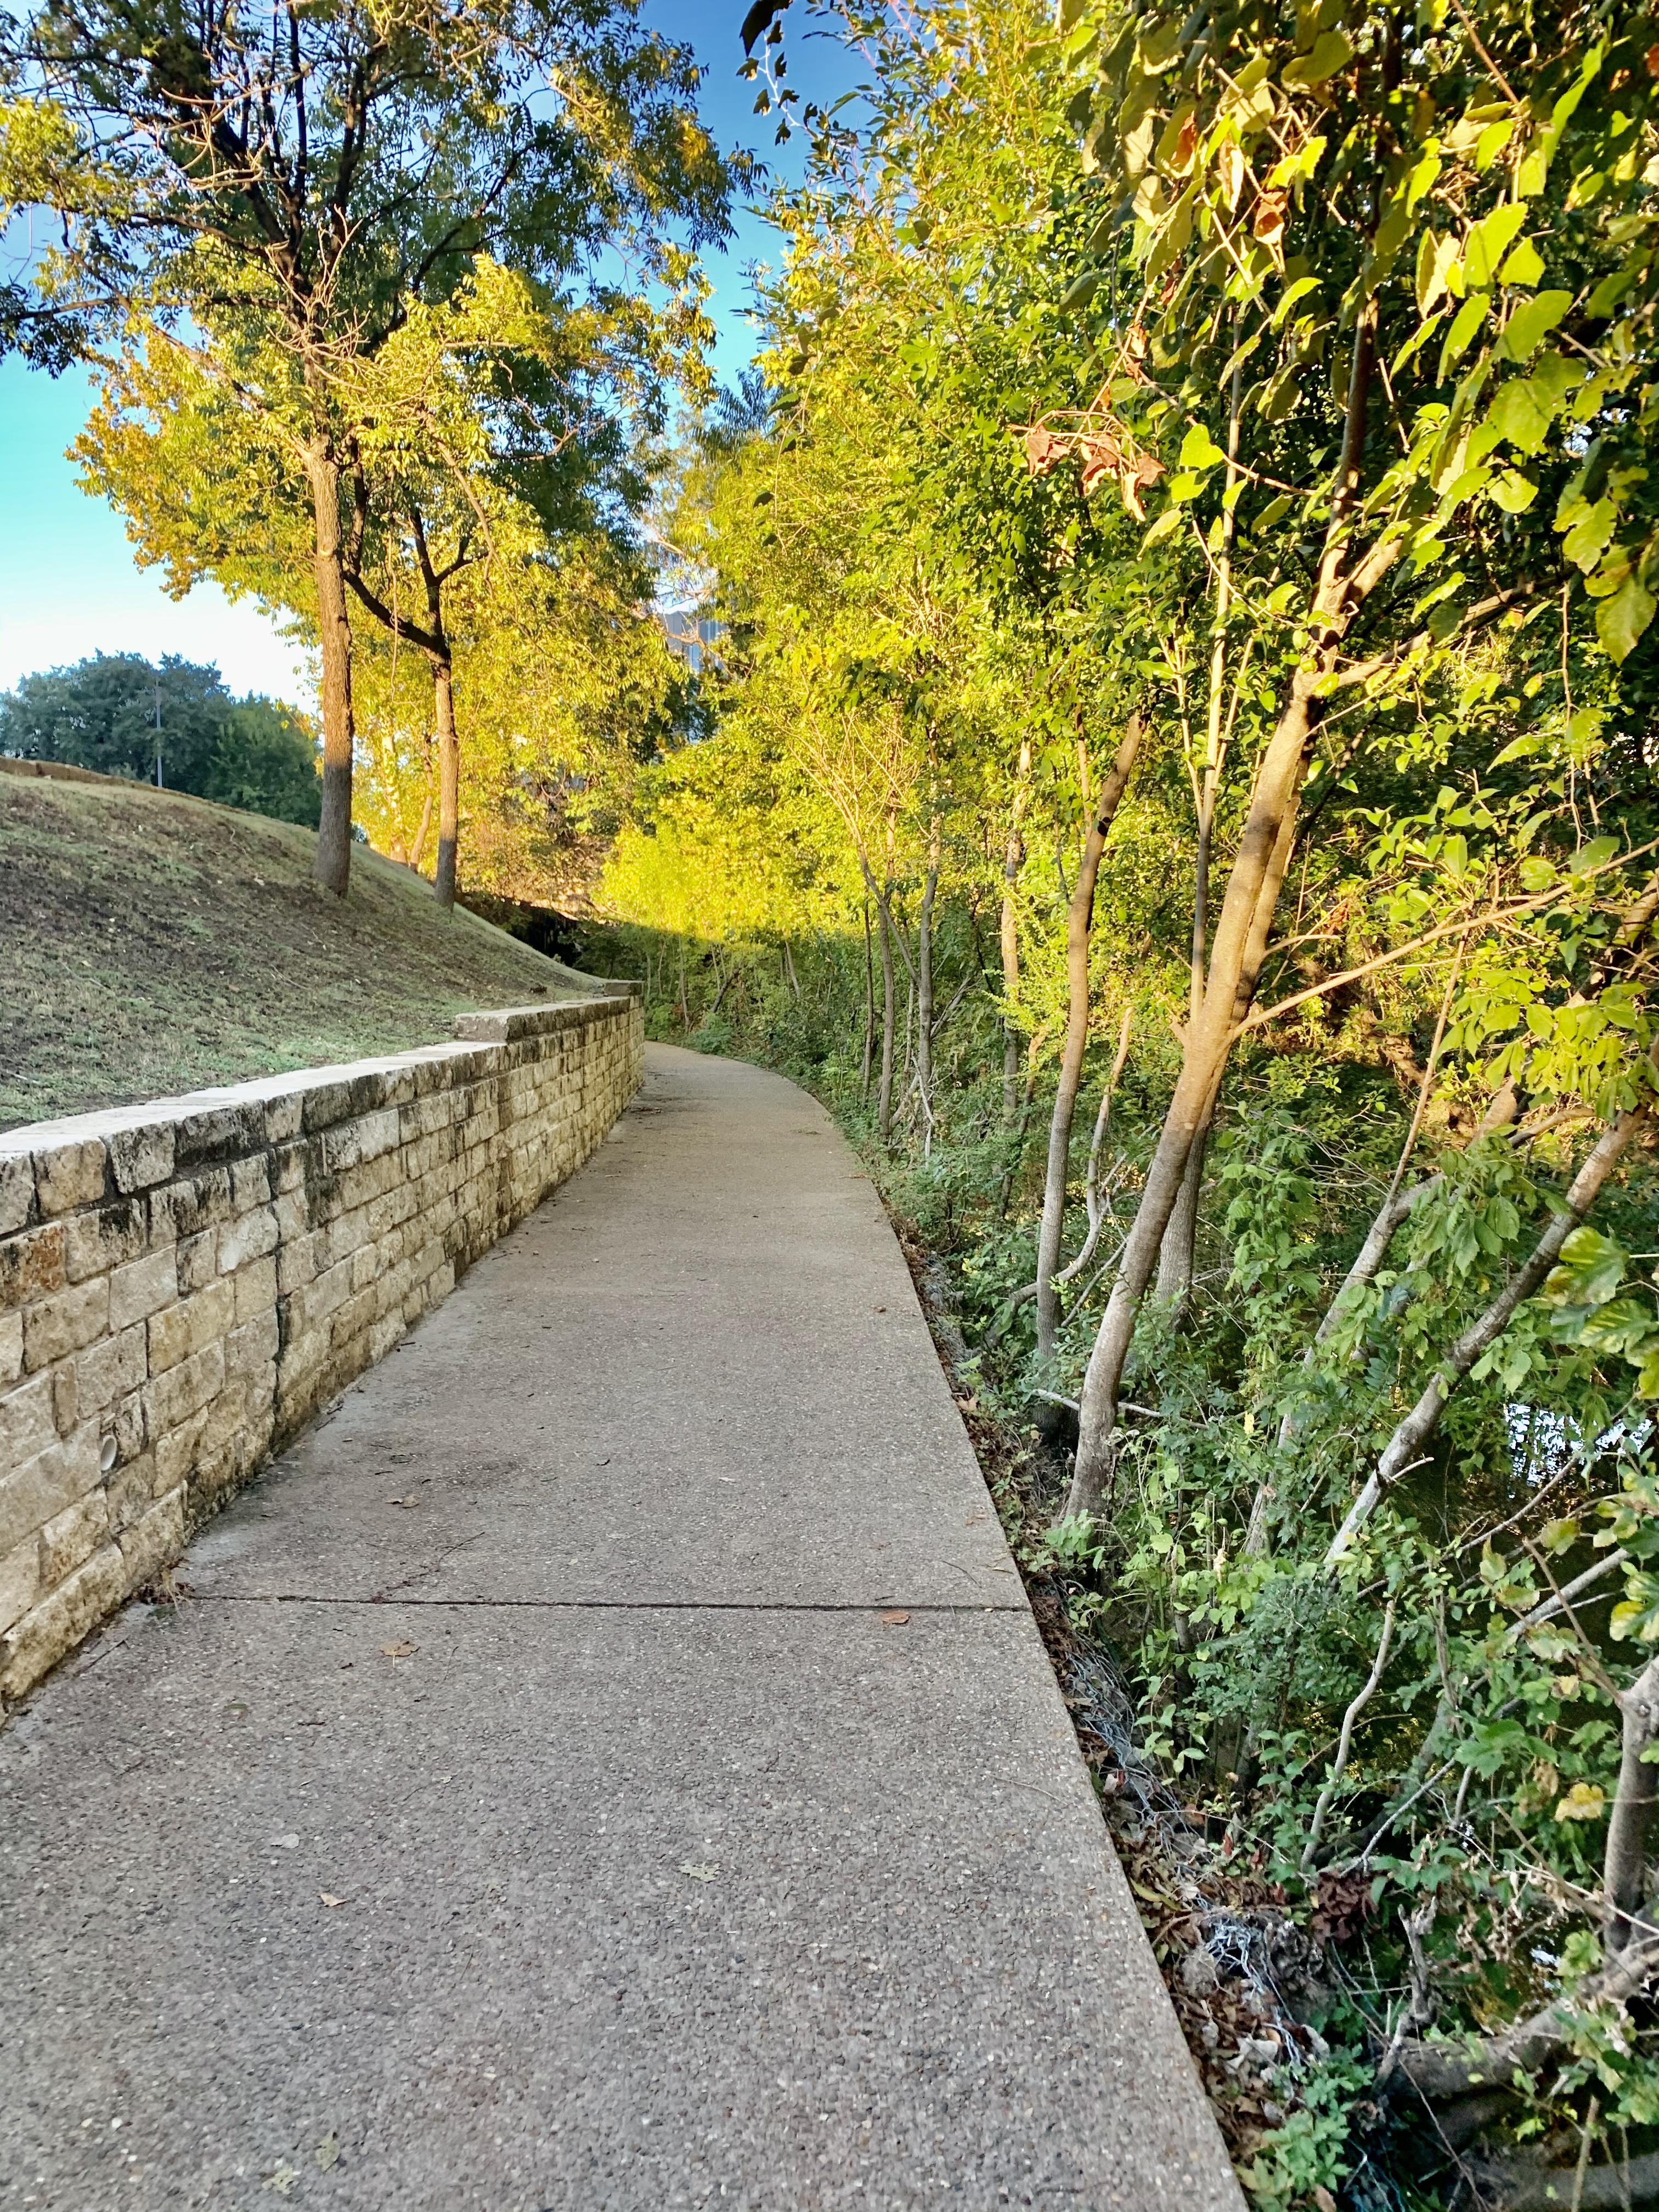 The trail isolated running alongside Shoal Creek. (September 2019)